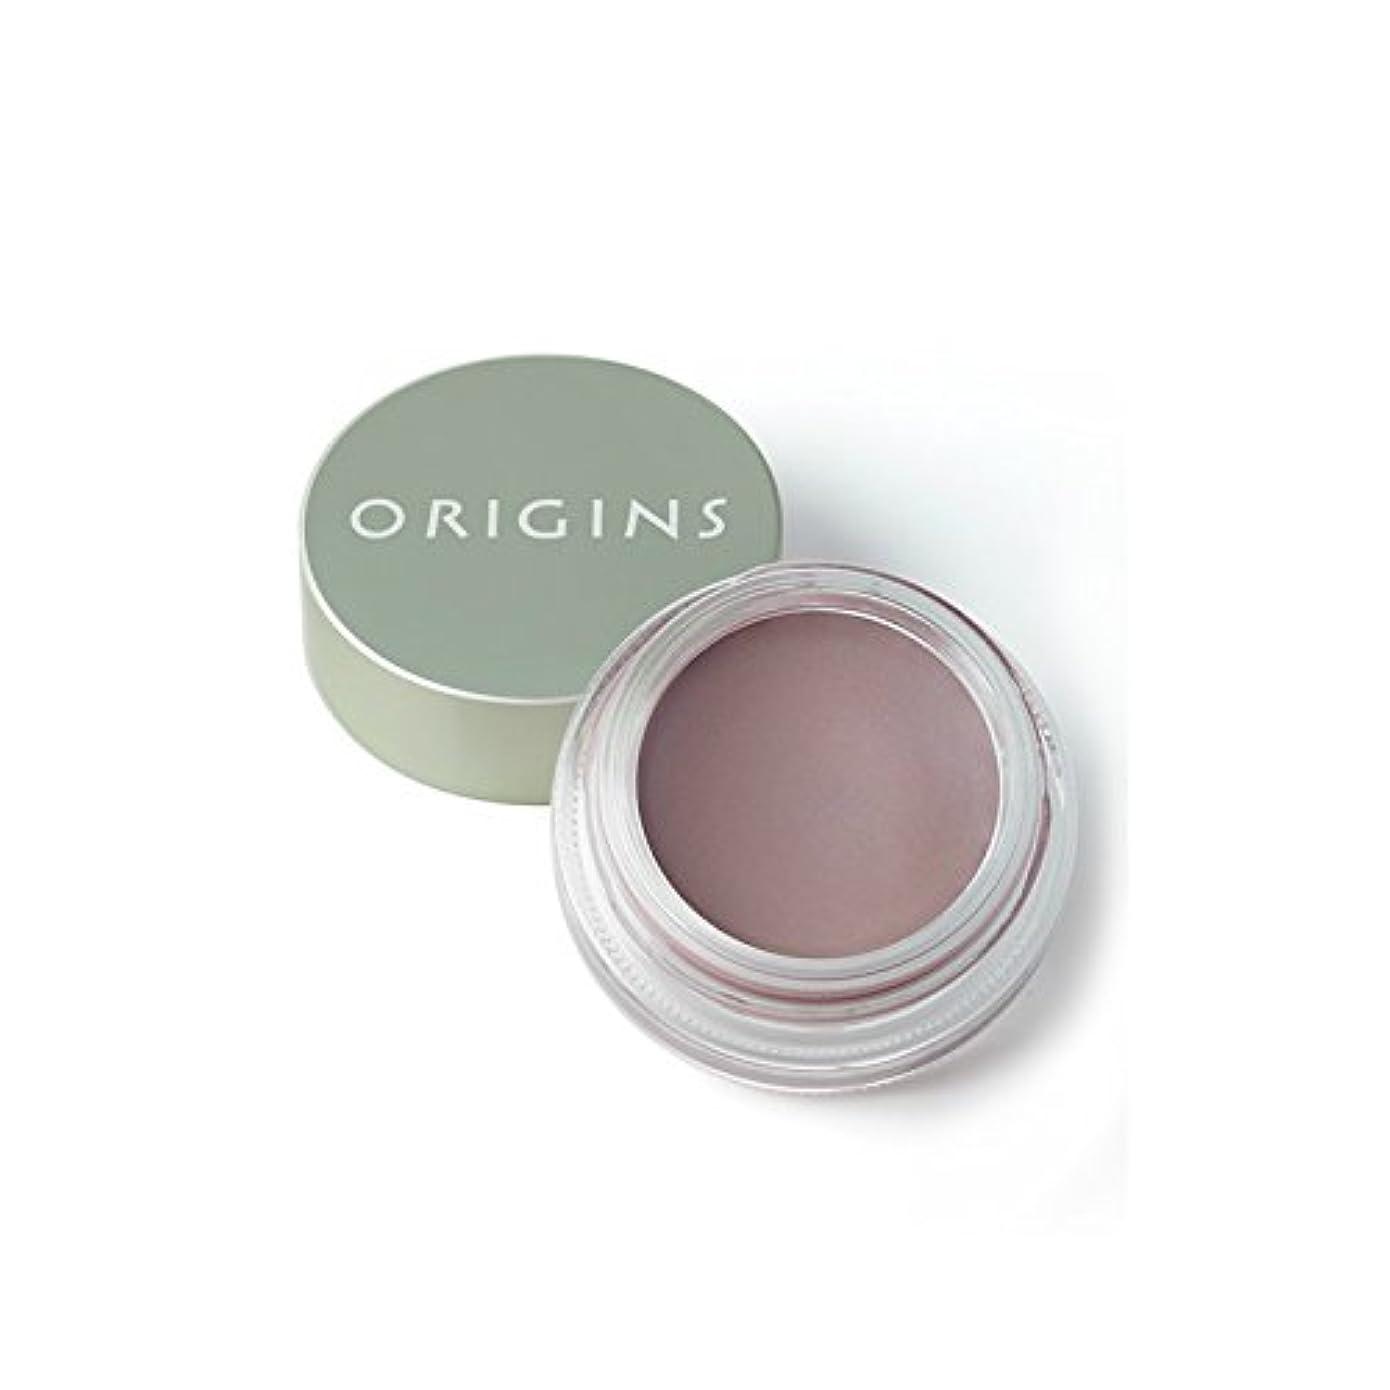 同意無駄な地震Ginzing白クリームアイシャドウバニラVroom - Ginzing Brightening cream eyeshadow Vanilla Vroom (Origins) [並行輸入品]